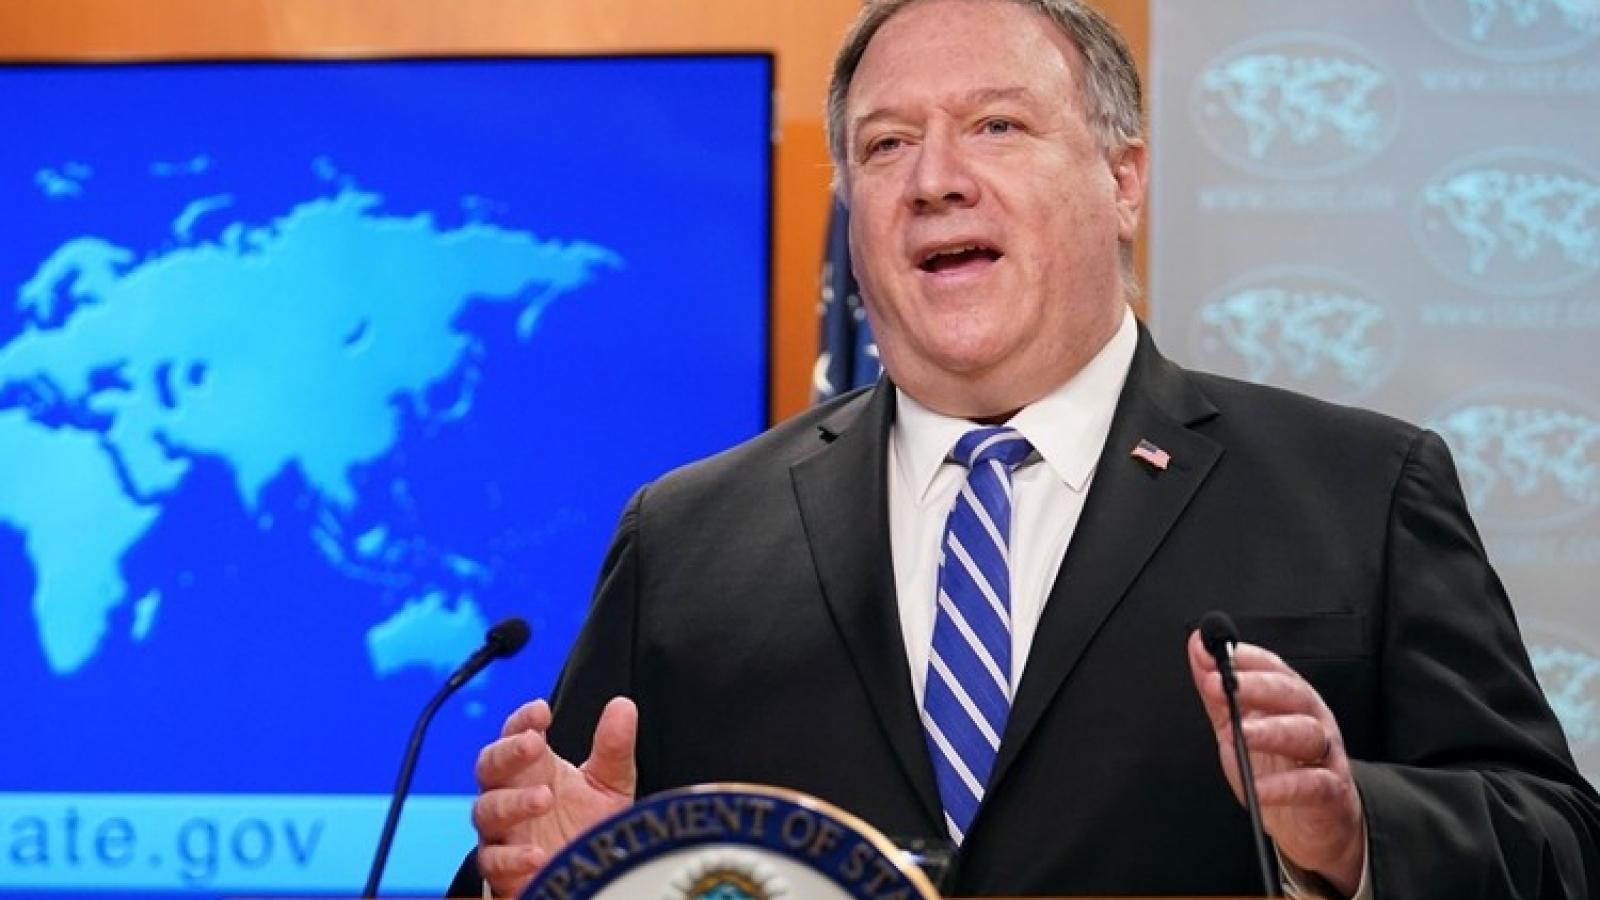 Ngoại trưởng Mỹ tiếp tục cáo buộc Trung Quốc giấu thông tin về Covid-19